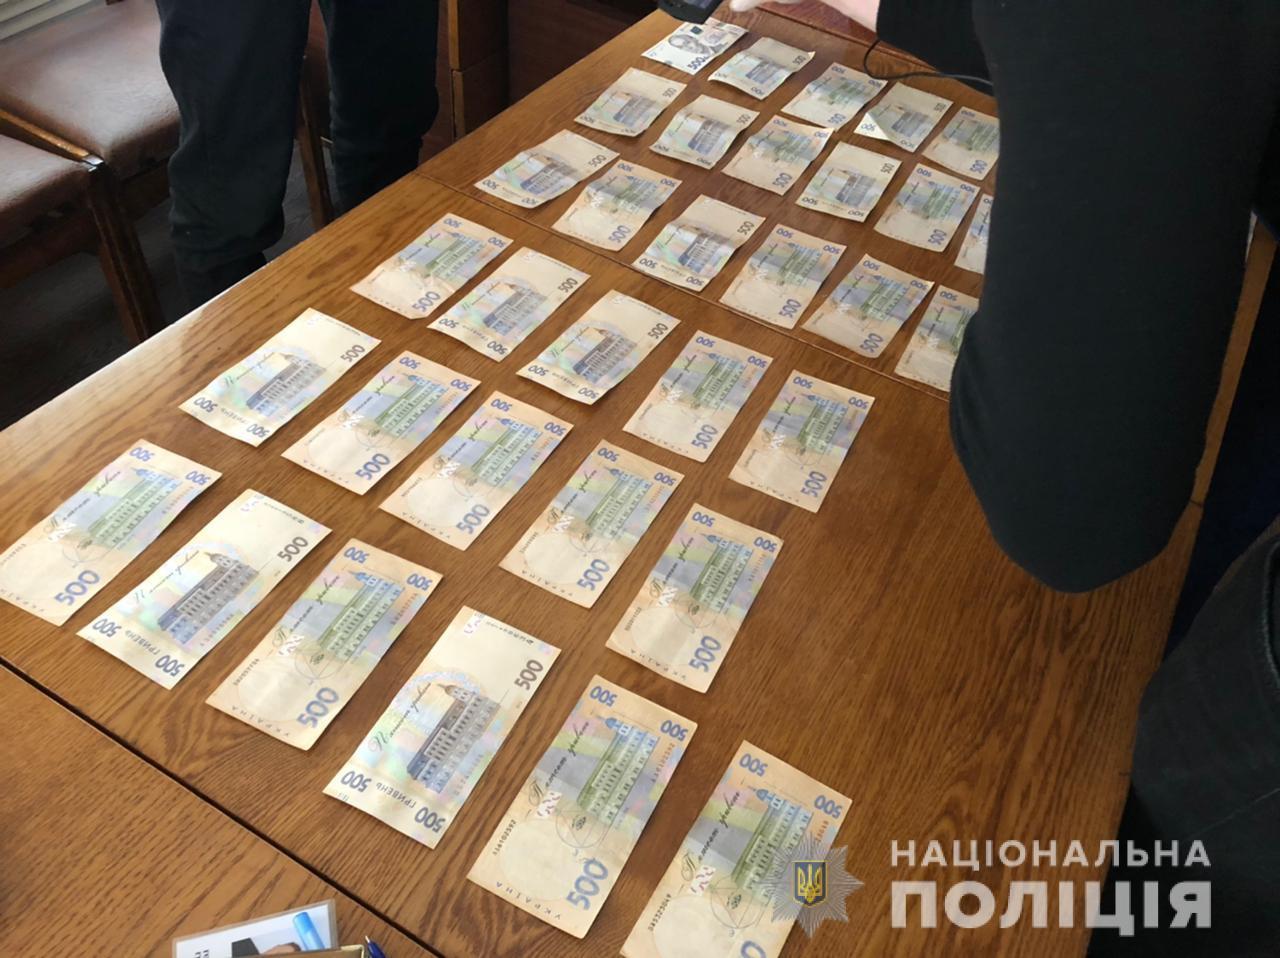 На Сумщині правоохоронці повідомили про підозру голові сільської ради у одержанні 20 000 гривень хабара